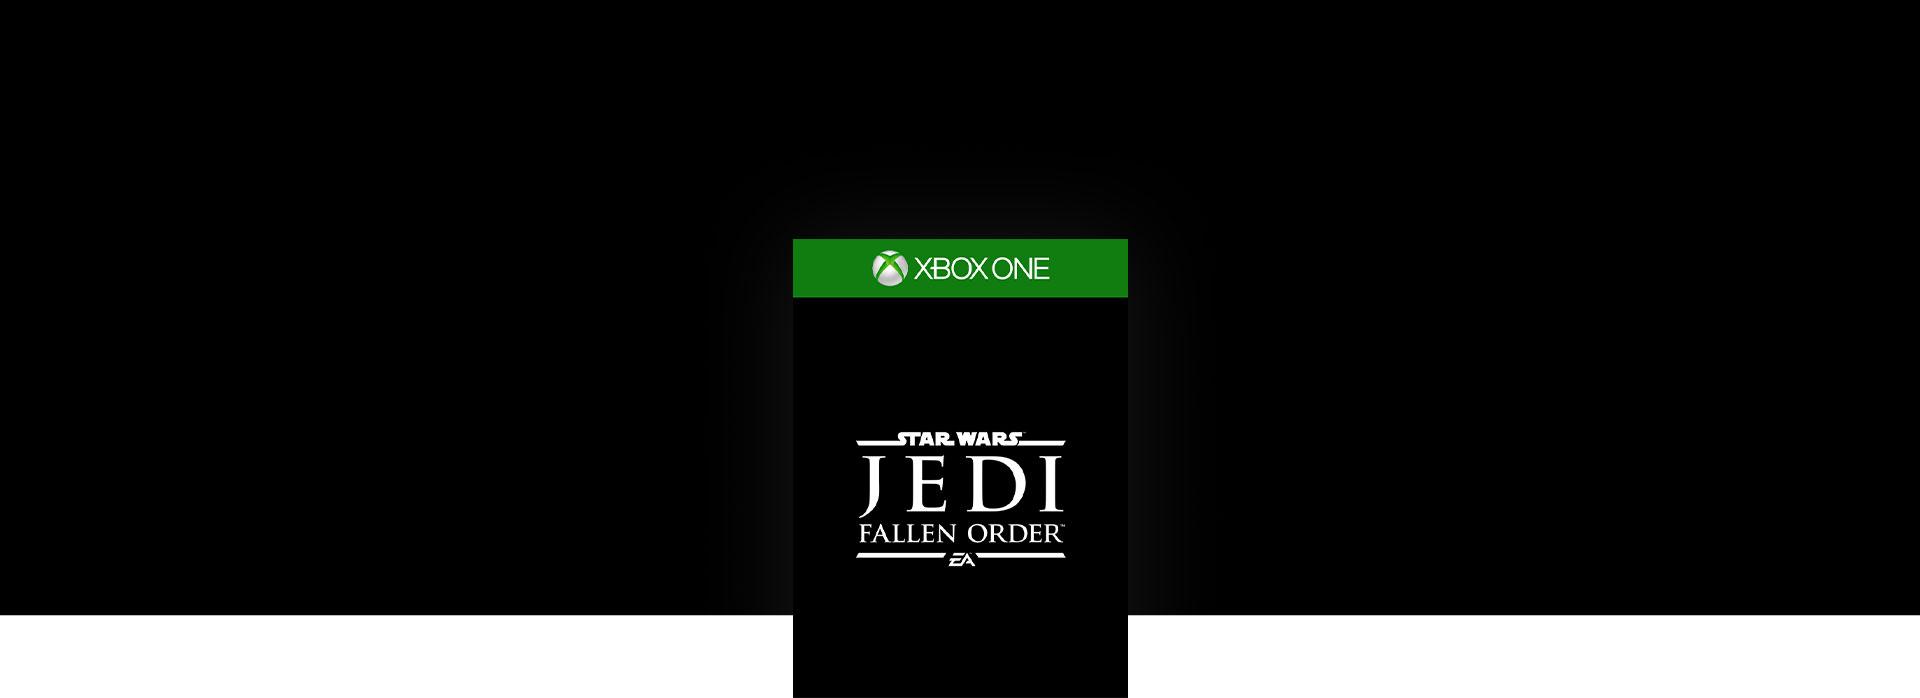 Star Wars Jedi: Fallen Order™ Verpackung